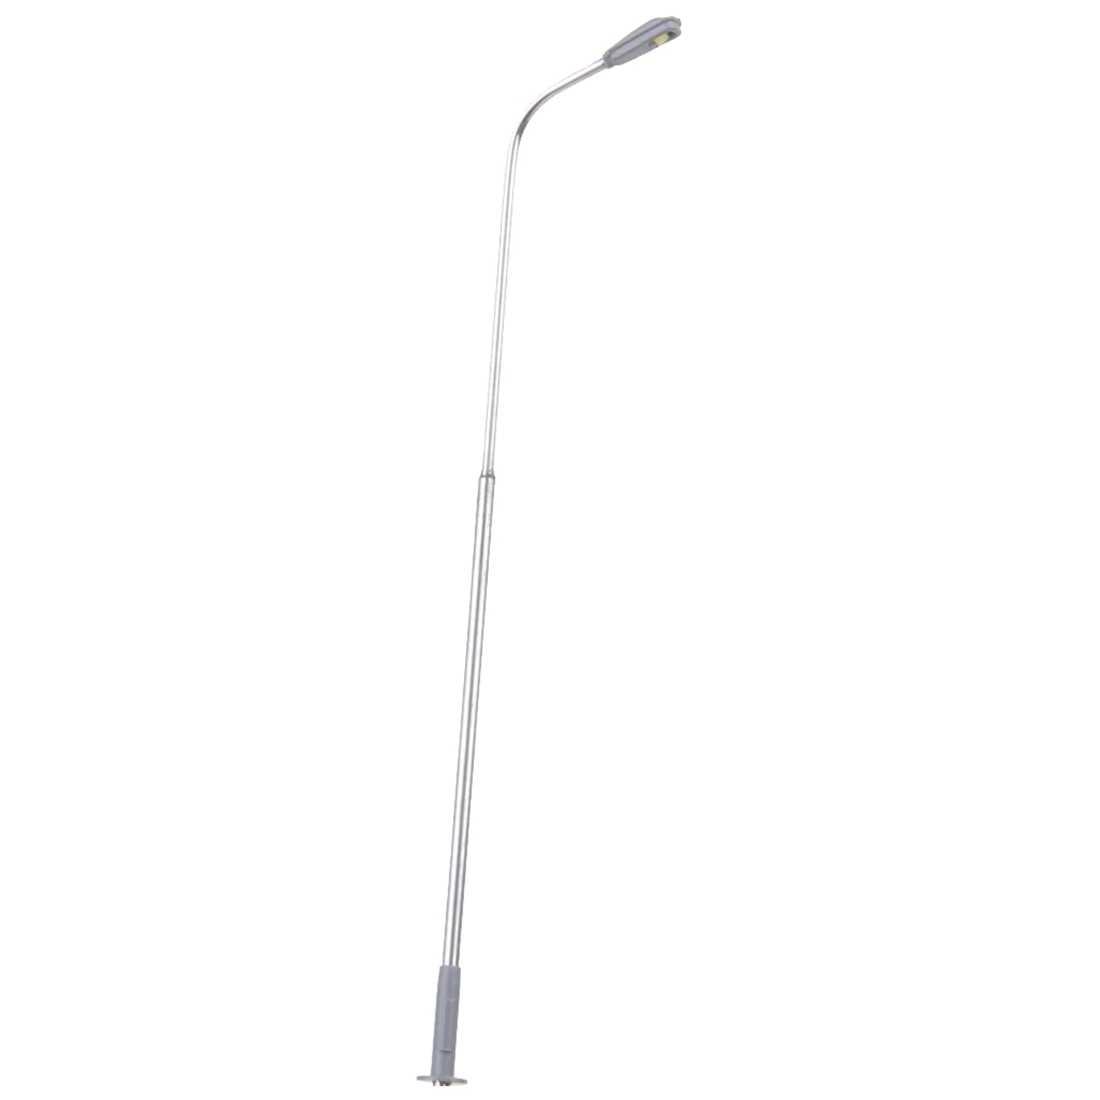 New Arrival 10 sztuk Model LED Street lampa pojedynczy klosz układ pociągu krajobraz 1: 100